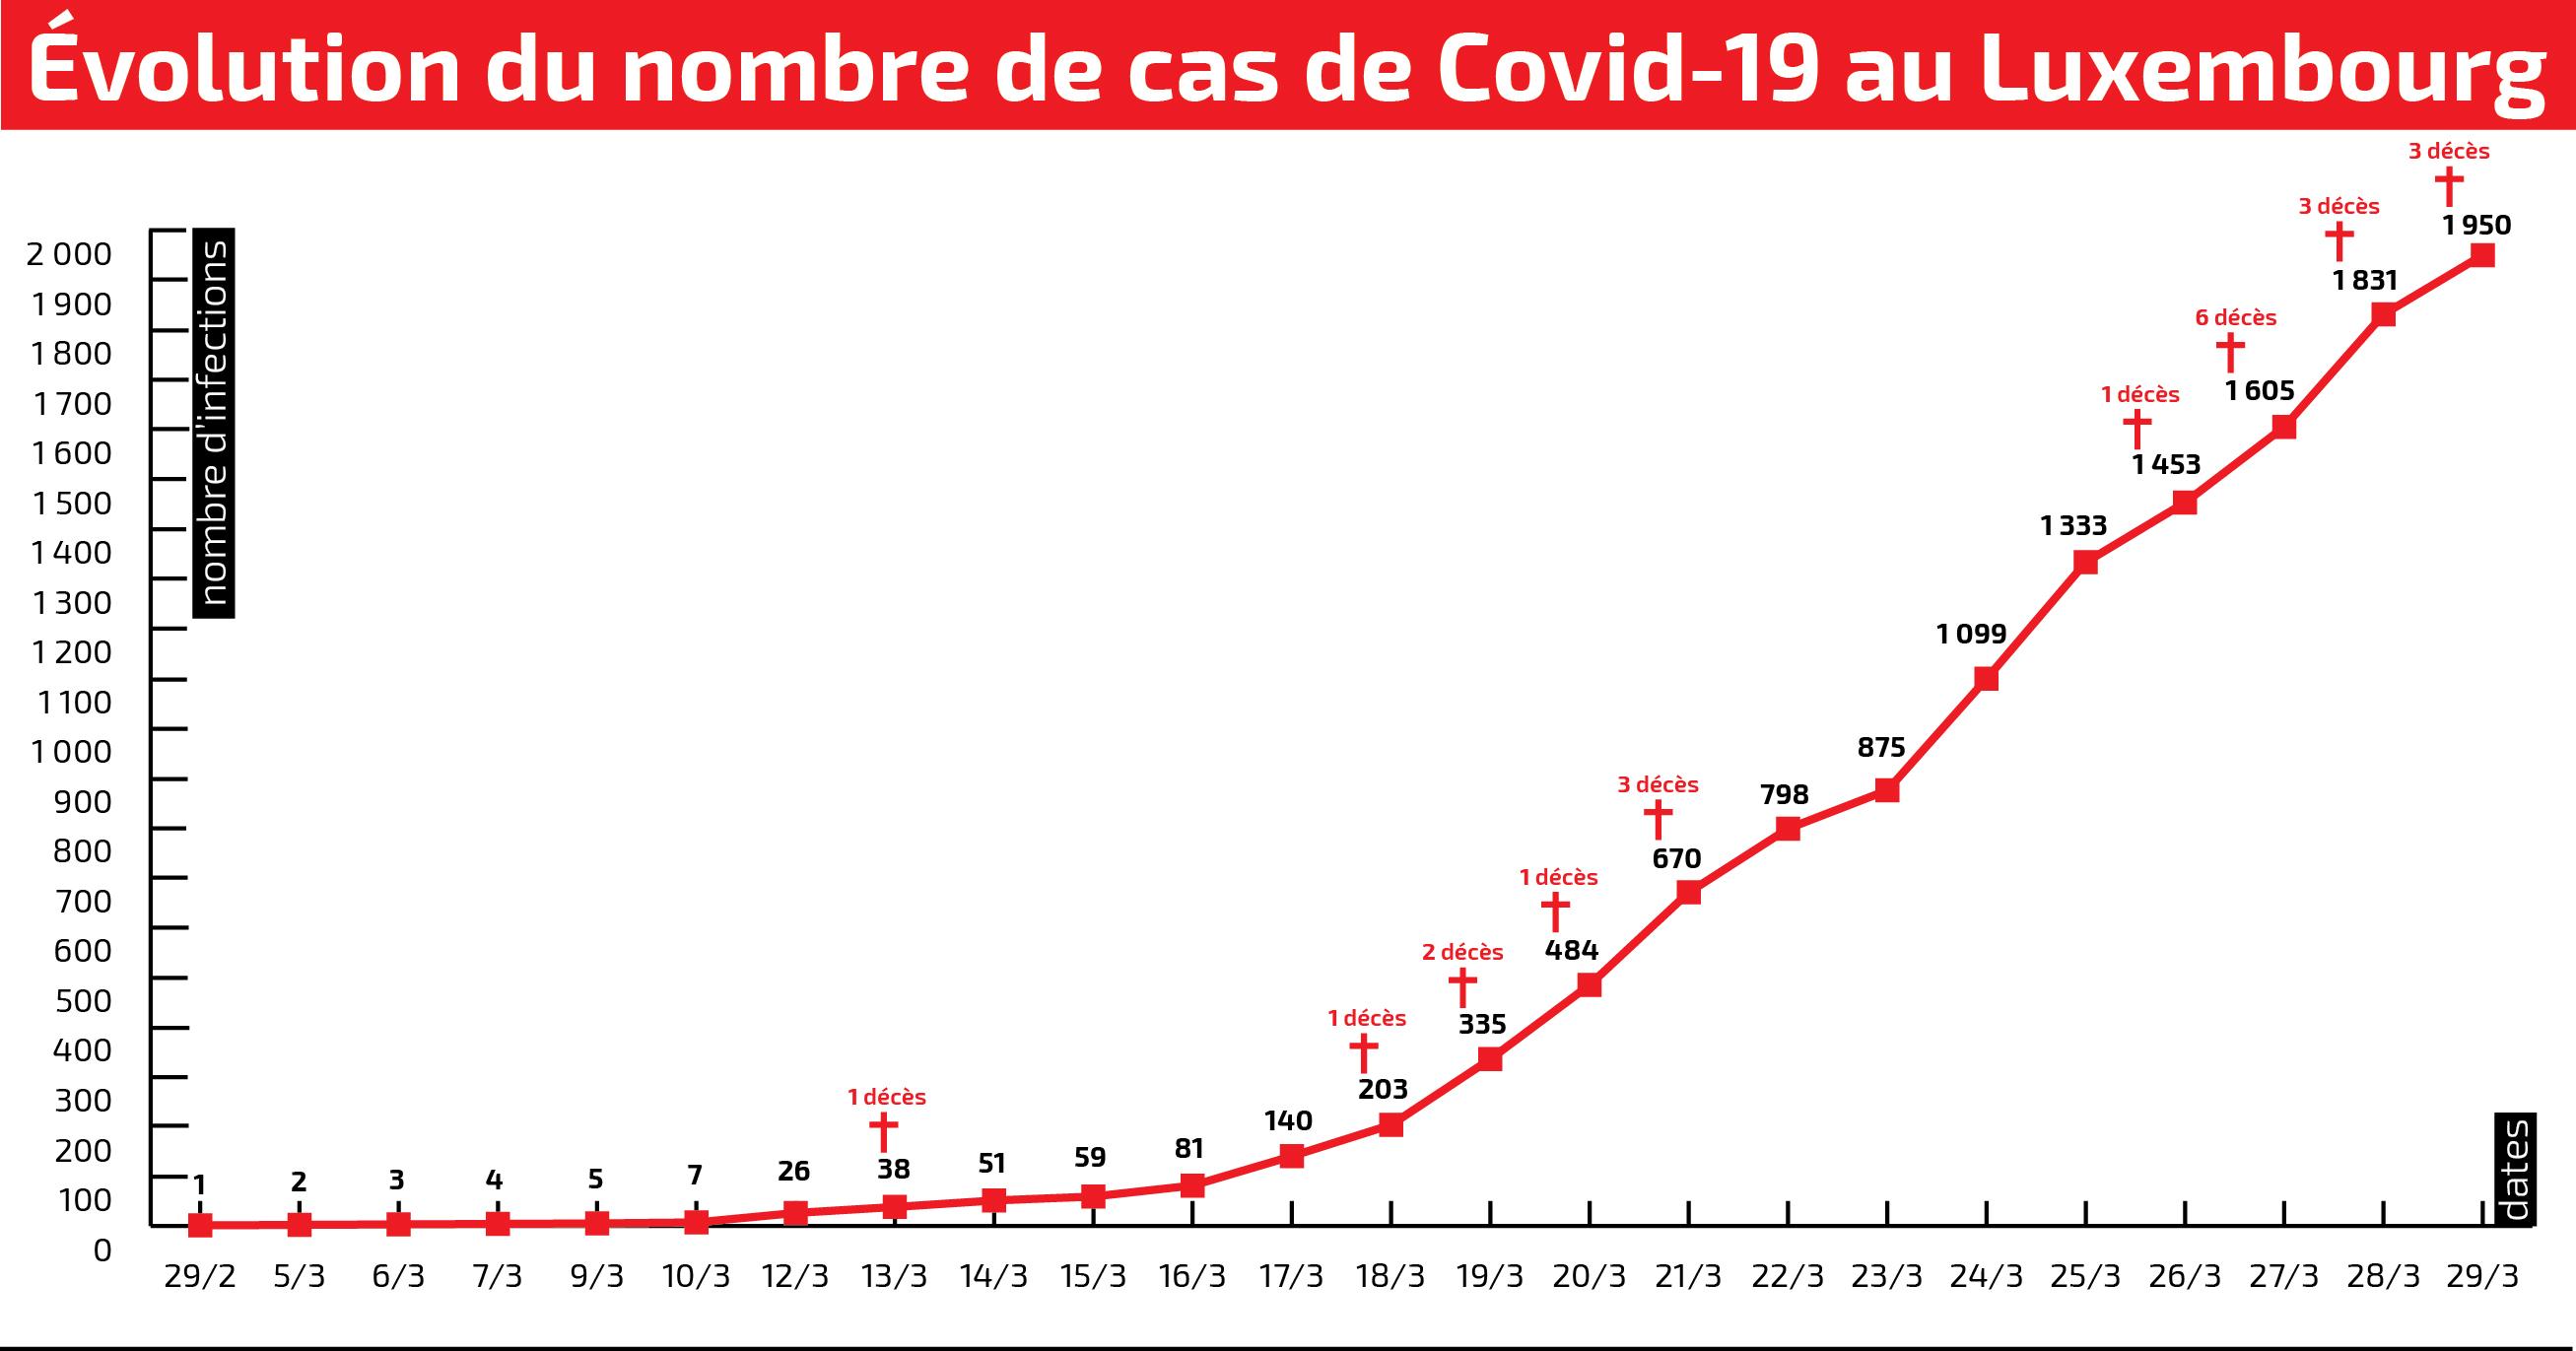 Coronavirus Le Luxembourg Passe Ce Dimanche A 1950 Cas 3 Nouveaux Deces Le Quotidien